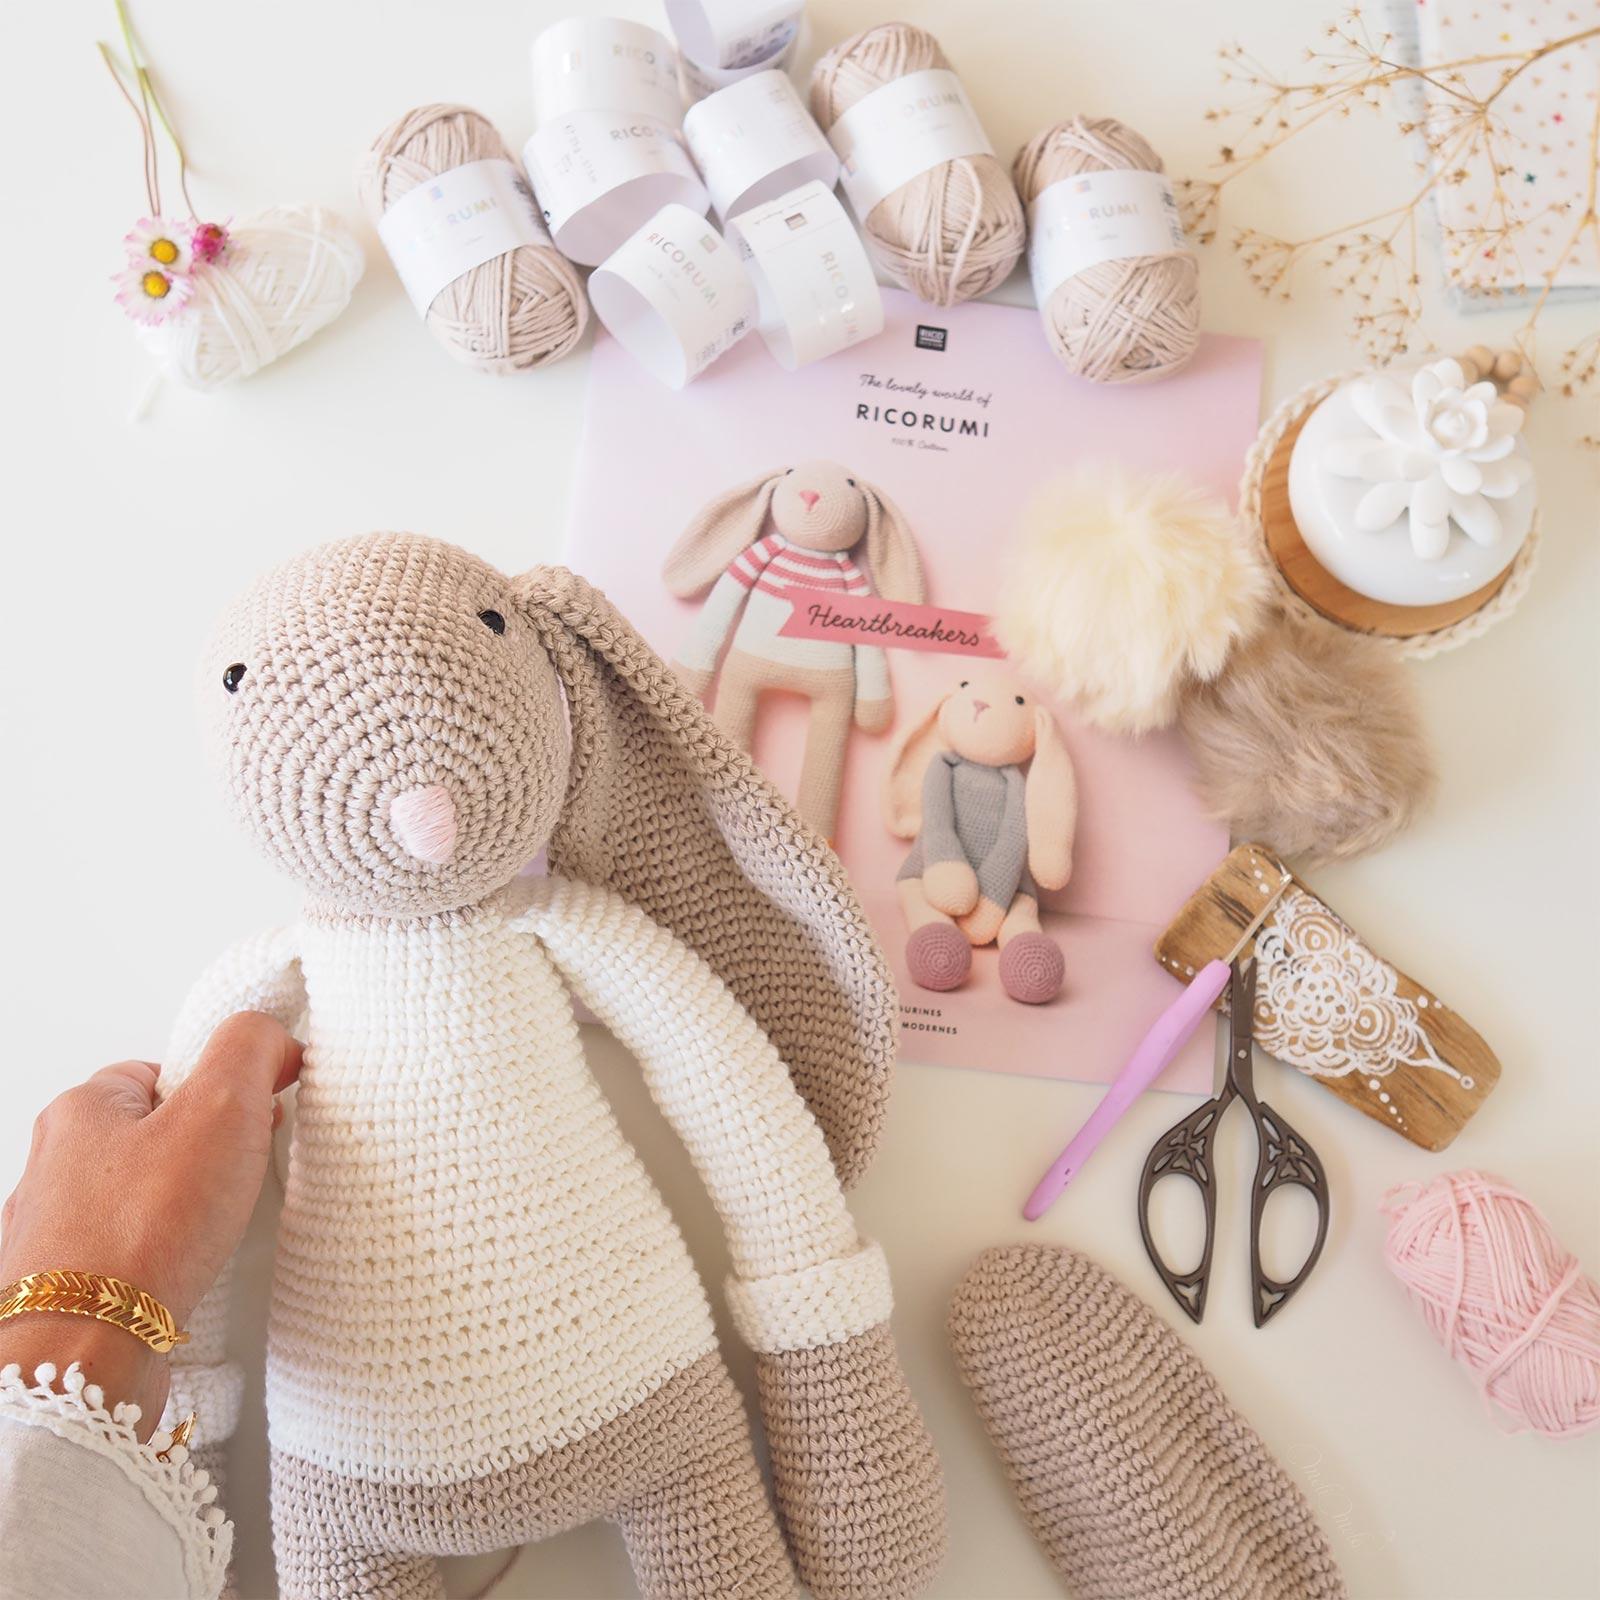 crochet-amigurumi-doudou-lapin-géant-pull-arc-en-ciel-ricorumi-laboutiquedemelimelo